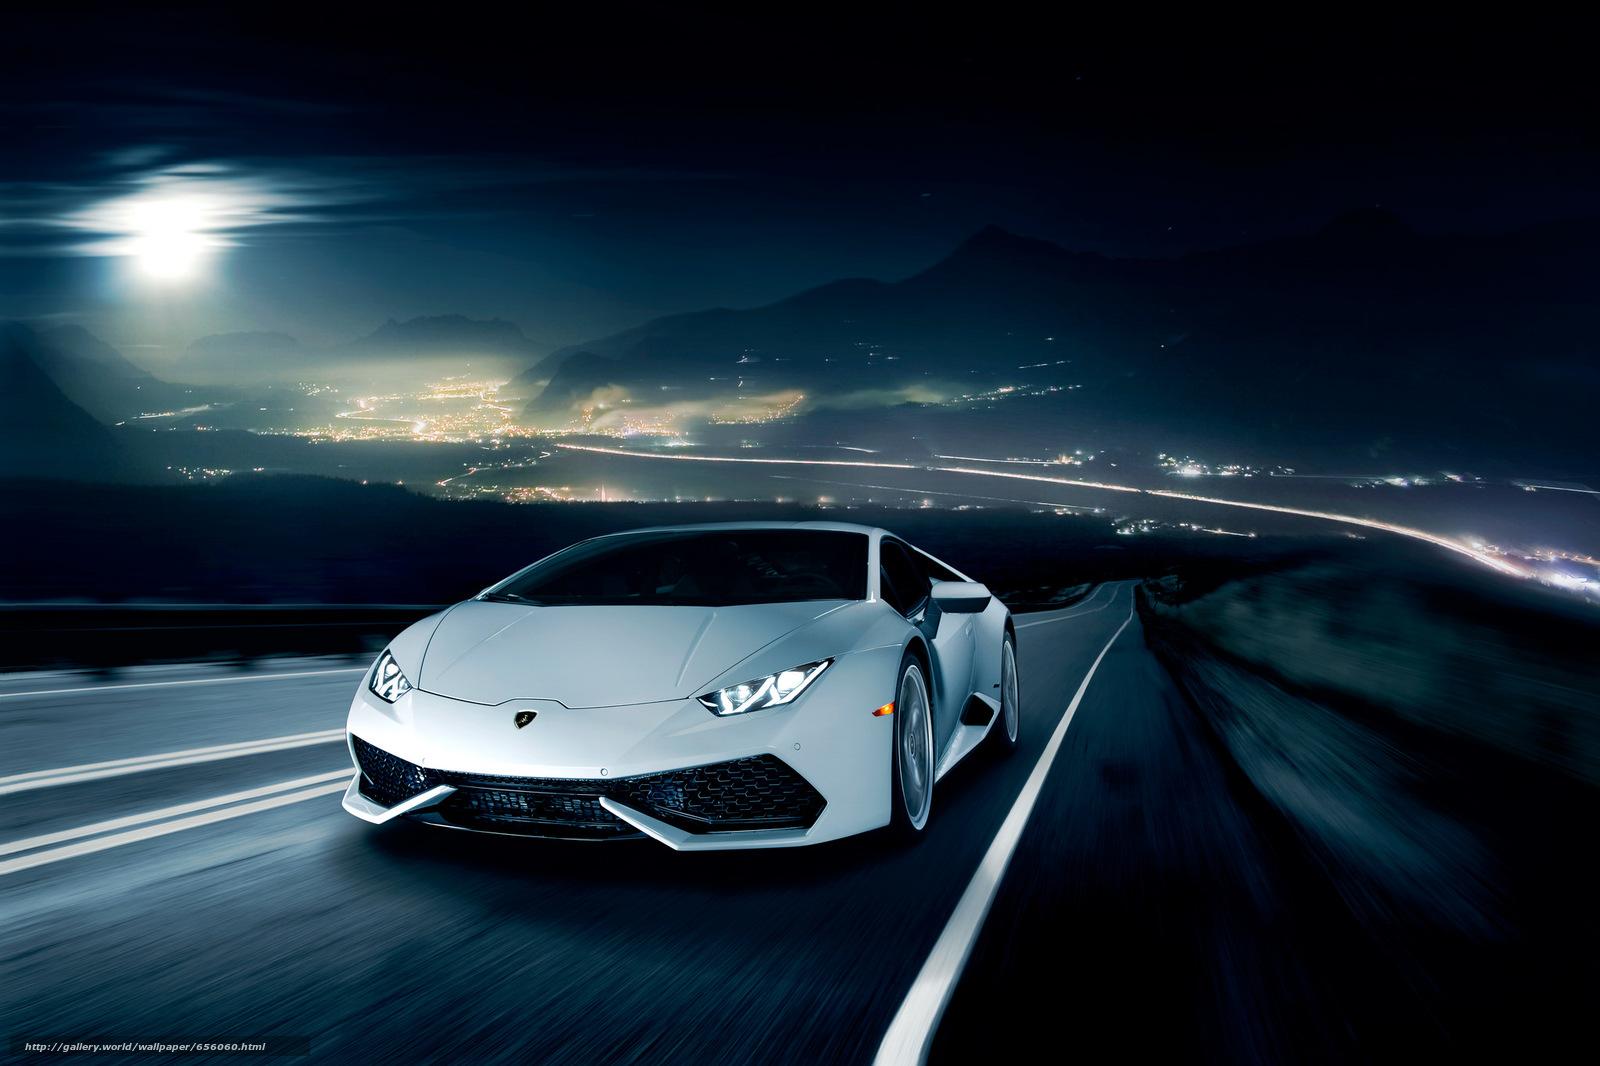 Скачать обои Lamborghini,  машина,  автомобиль бесплатно для рабочего стола в разрешении 2048x1365 — картинка №656060